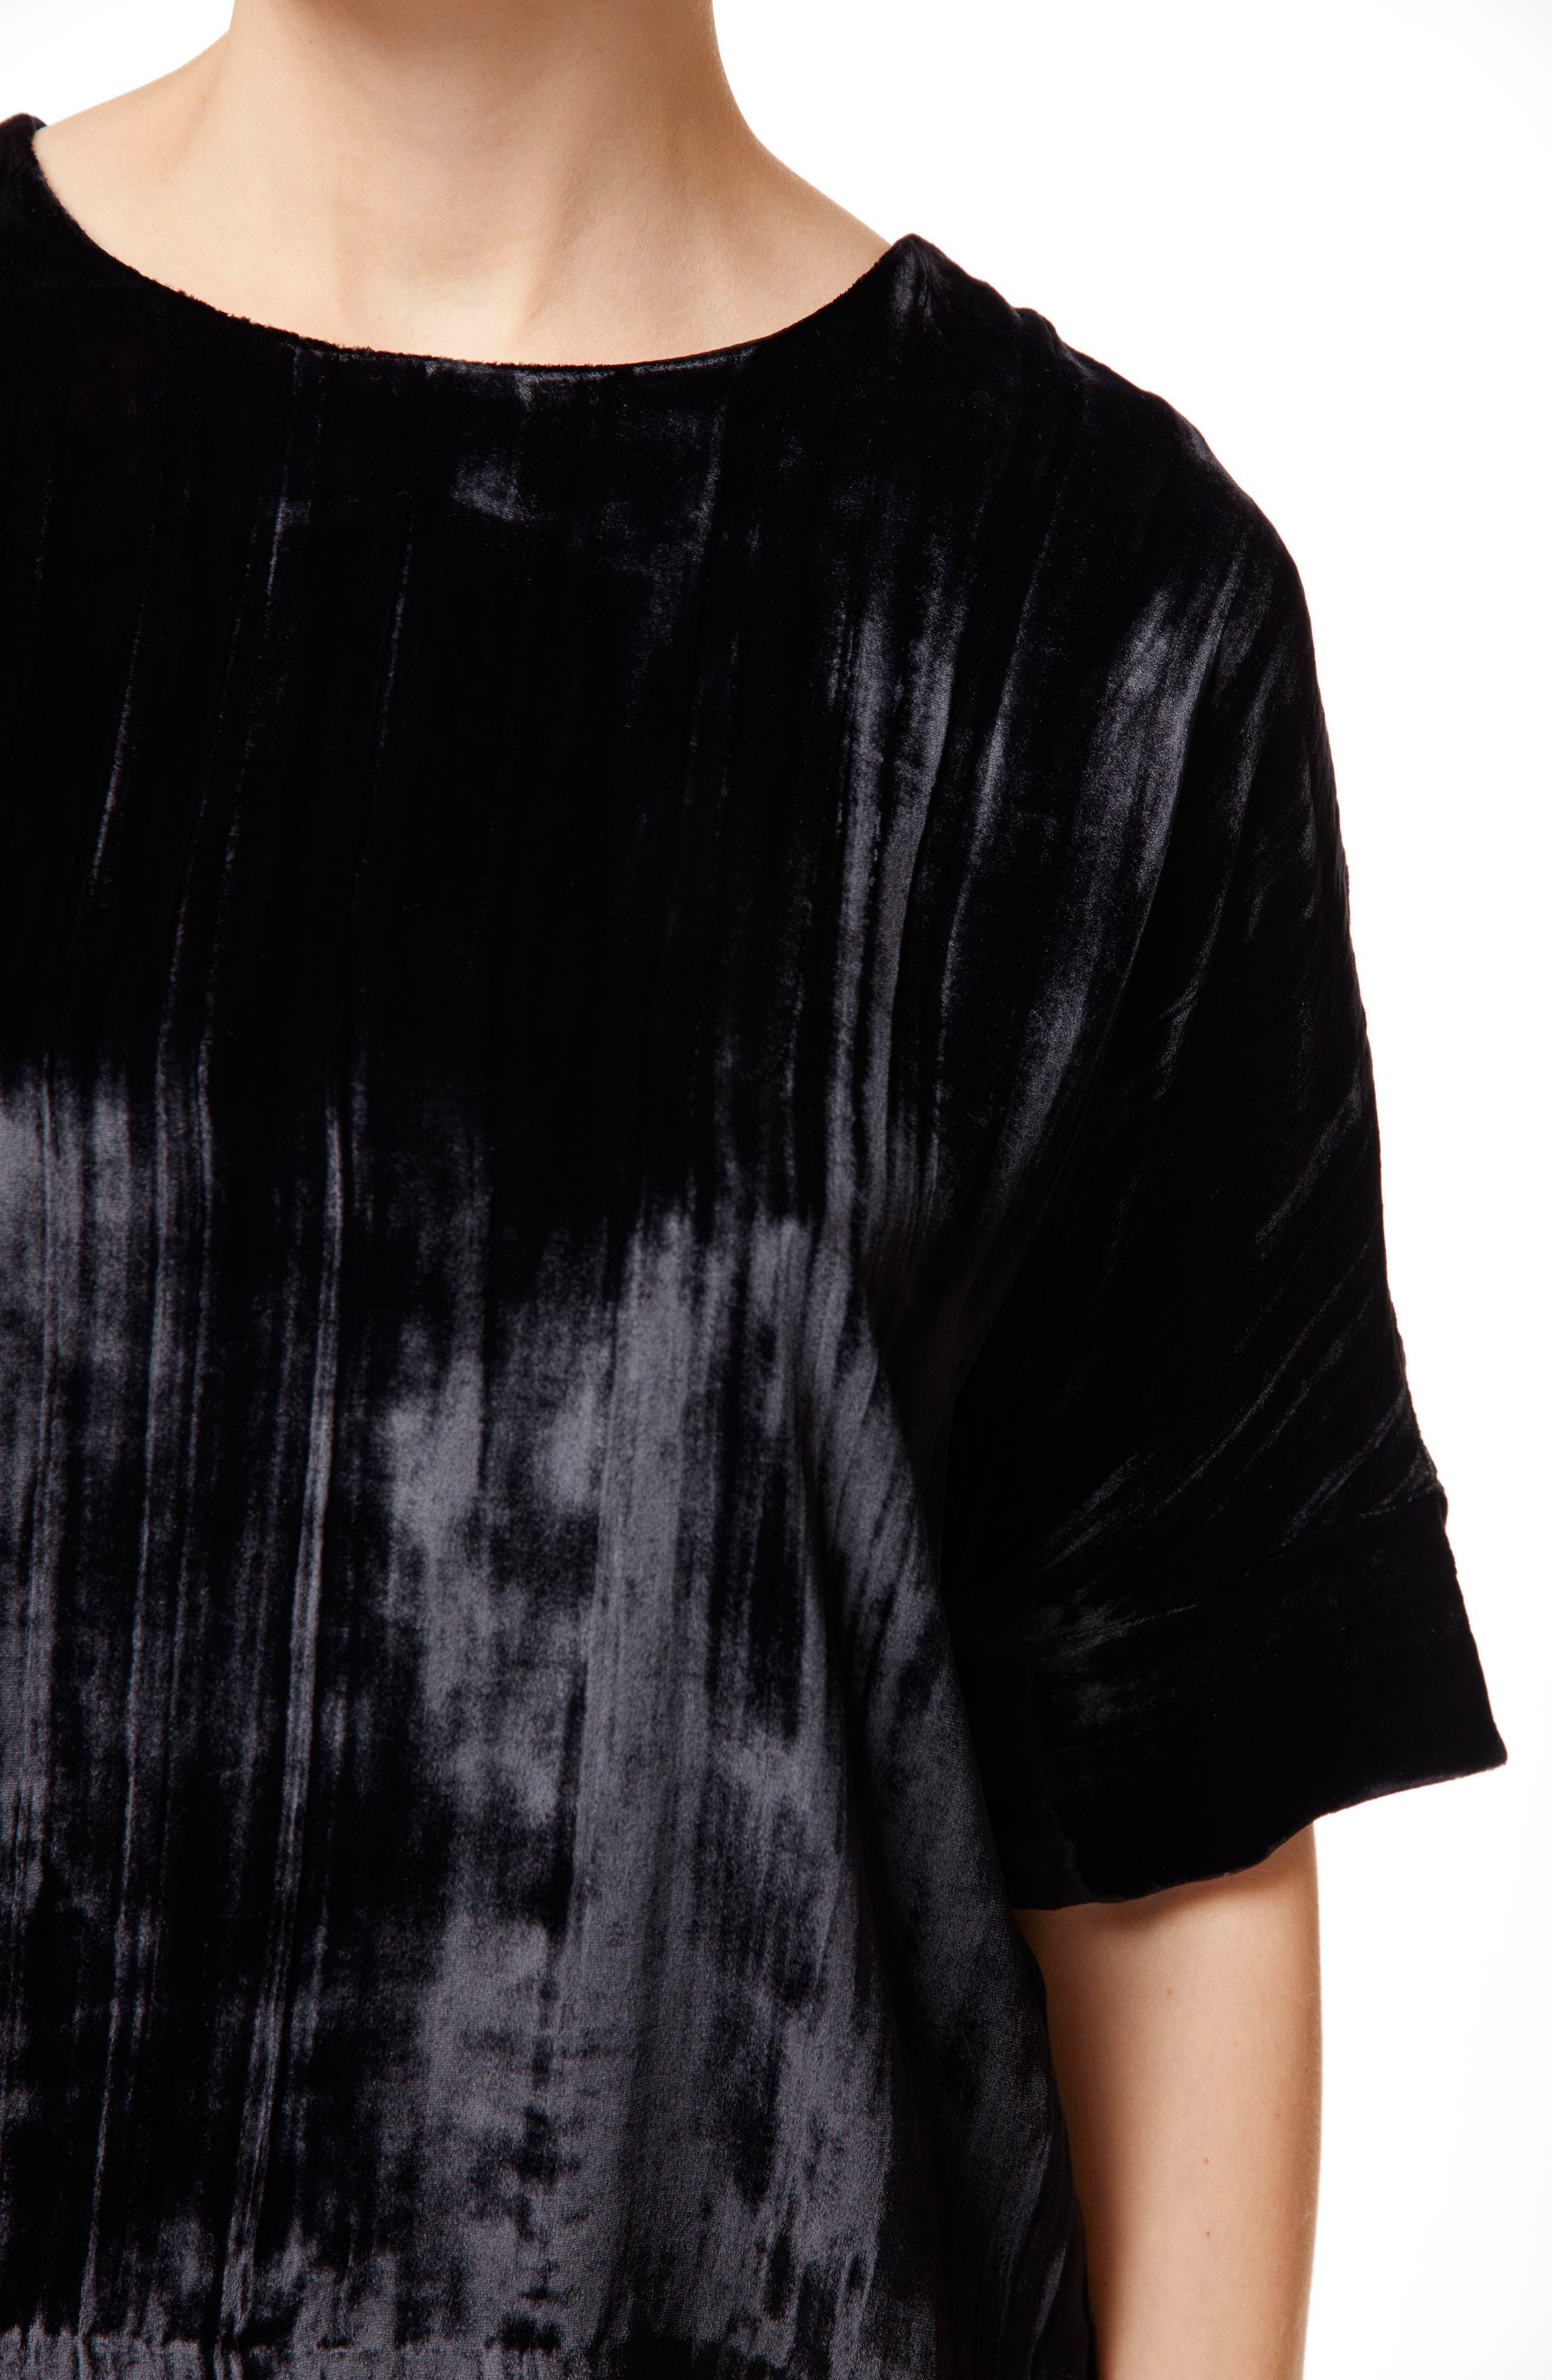 Daisy Velvet Top,                             Alternate thumbnail 4, color,                             BLACK